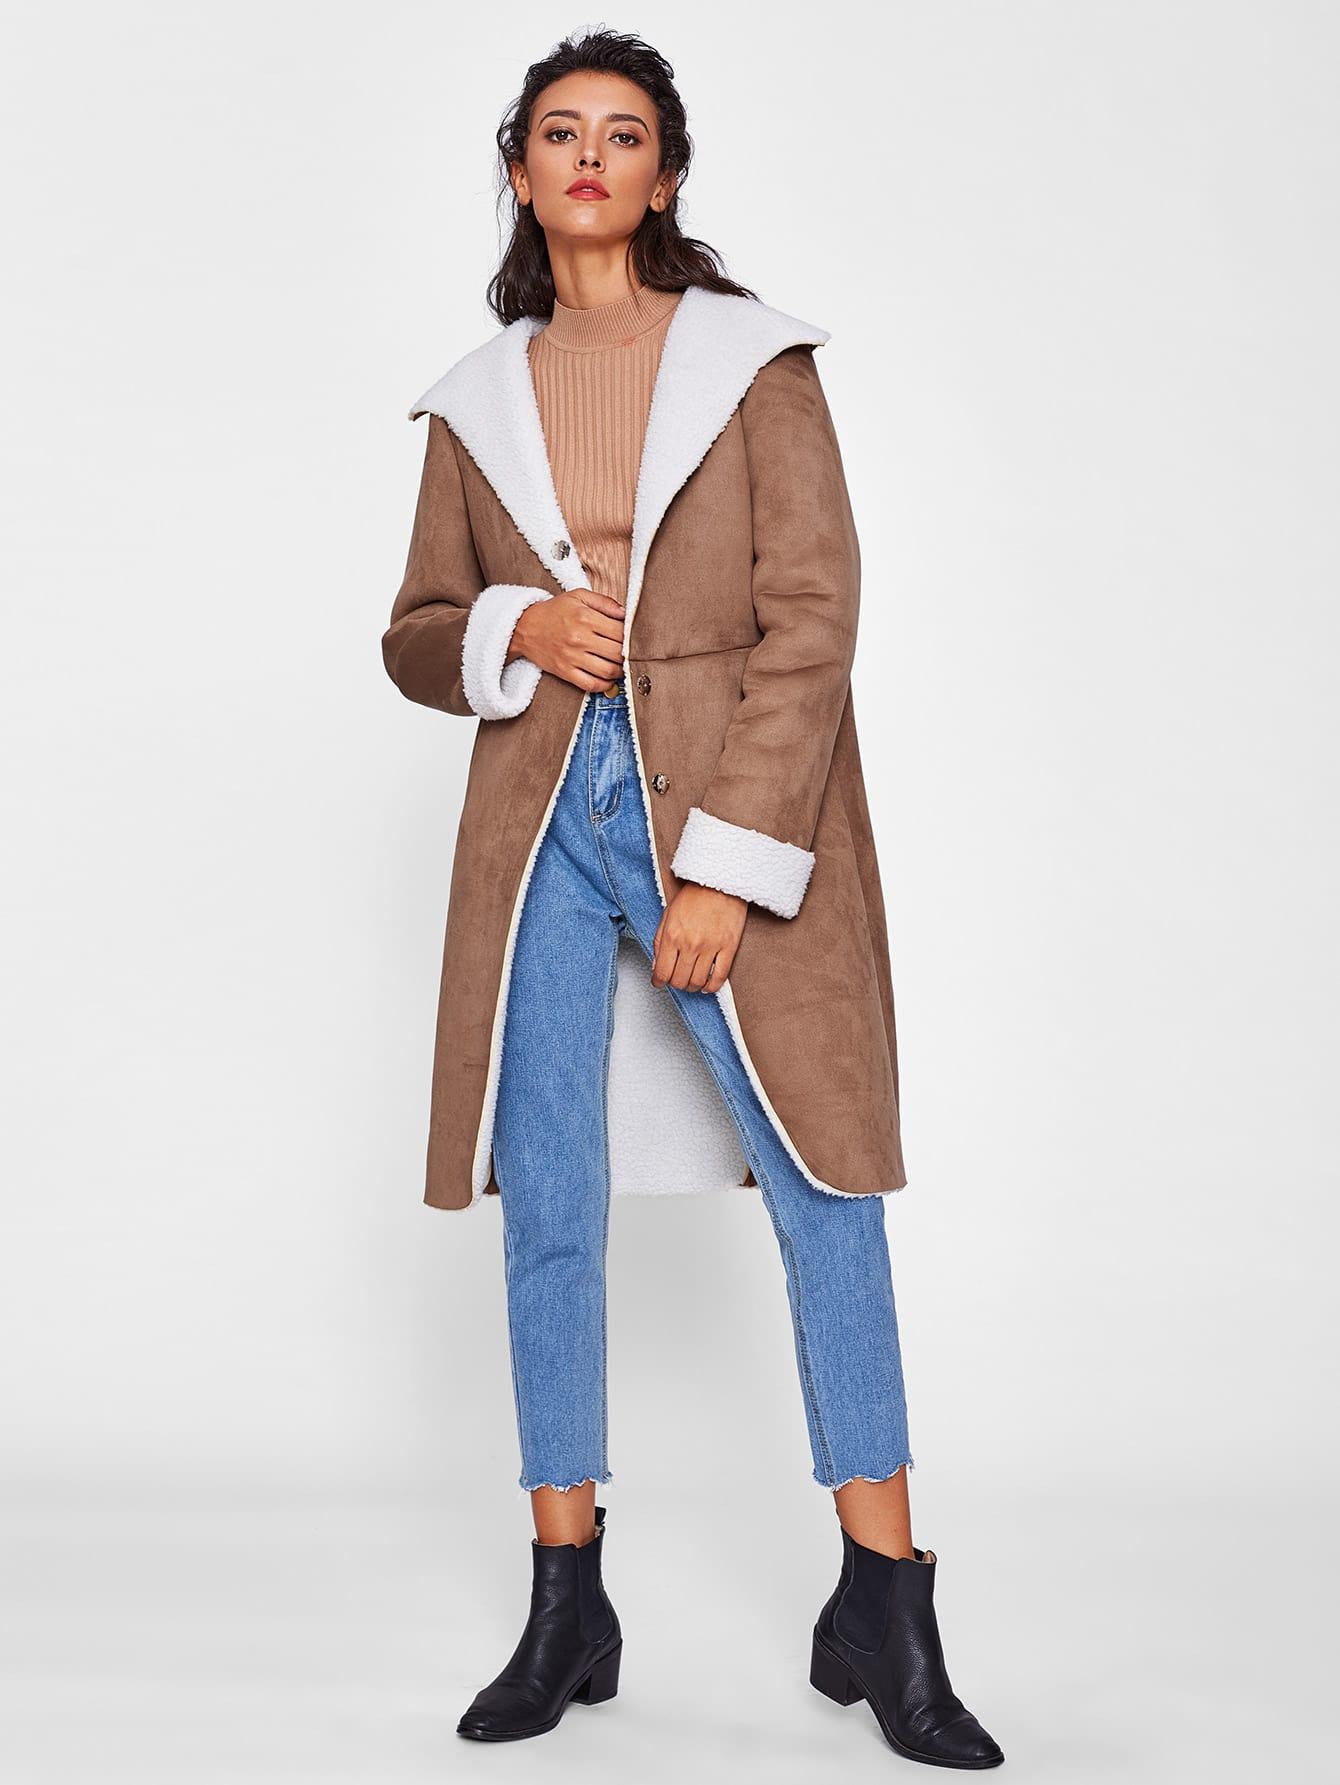 Пальто-дубленка | SheIn